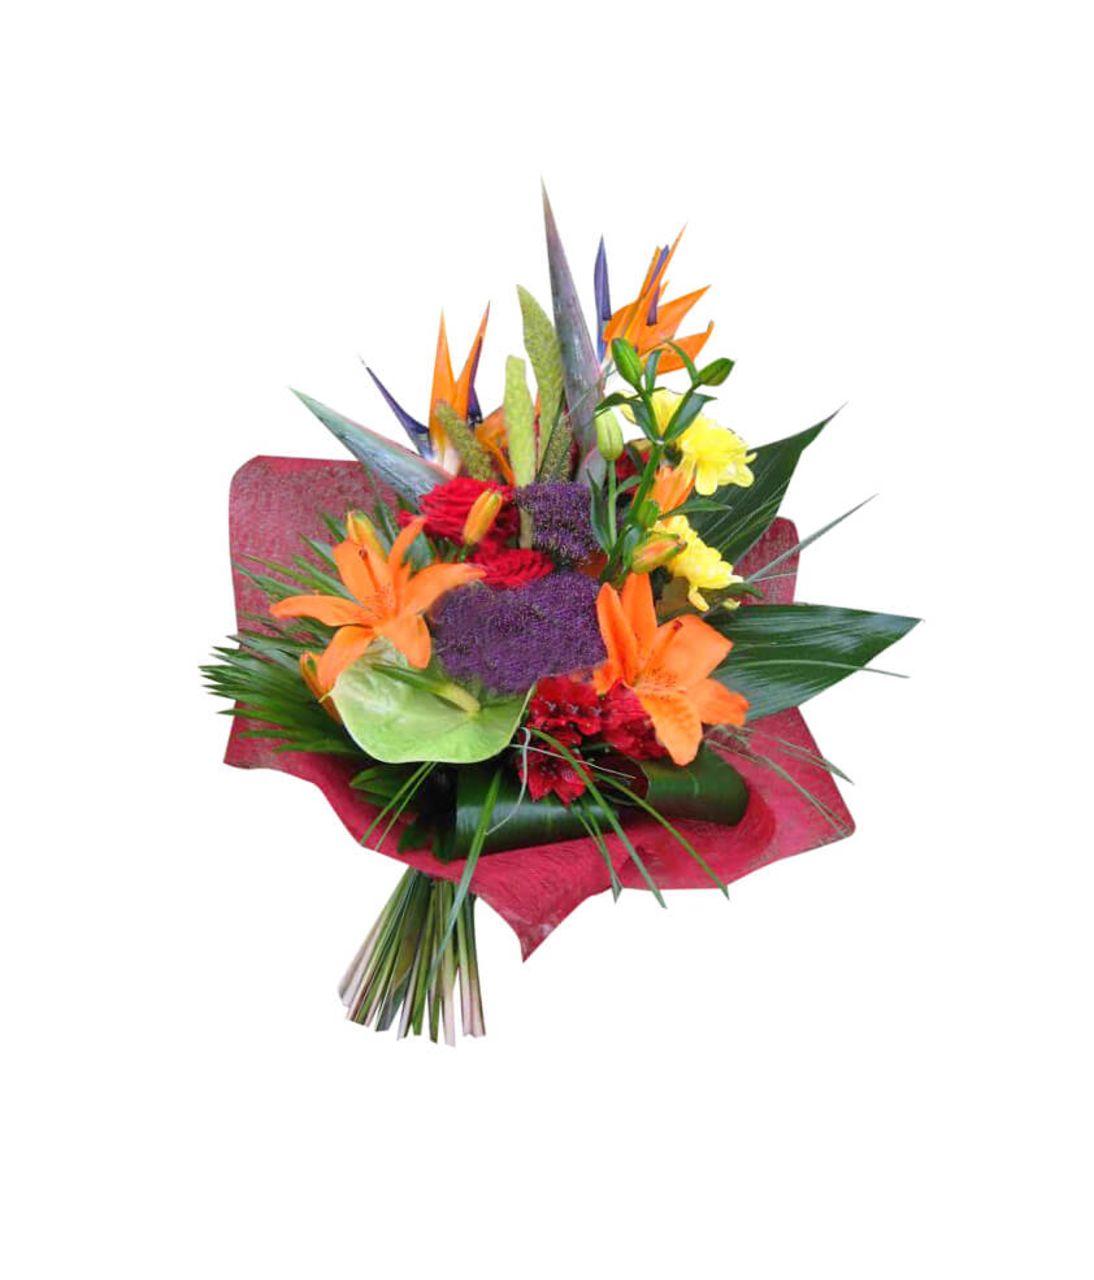 Букет квітів для чоловіка. Superflowers.com.ua. Купити букет для чоловіка в магазині